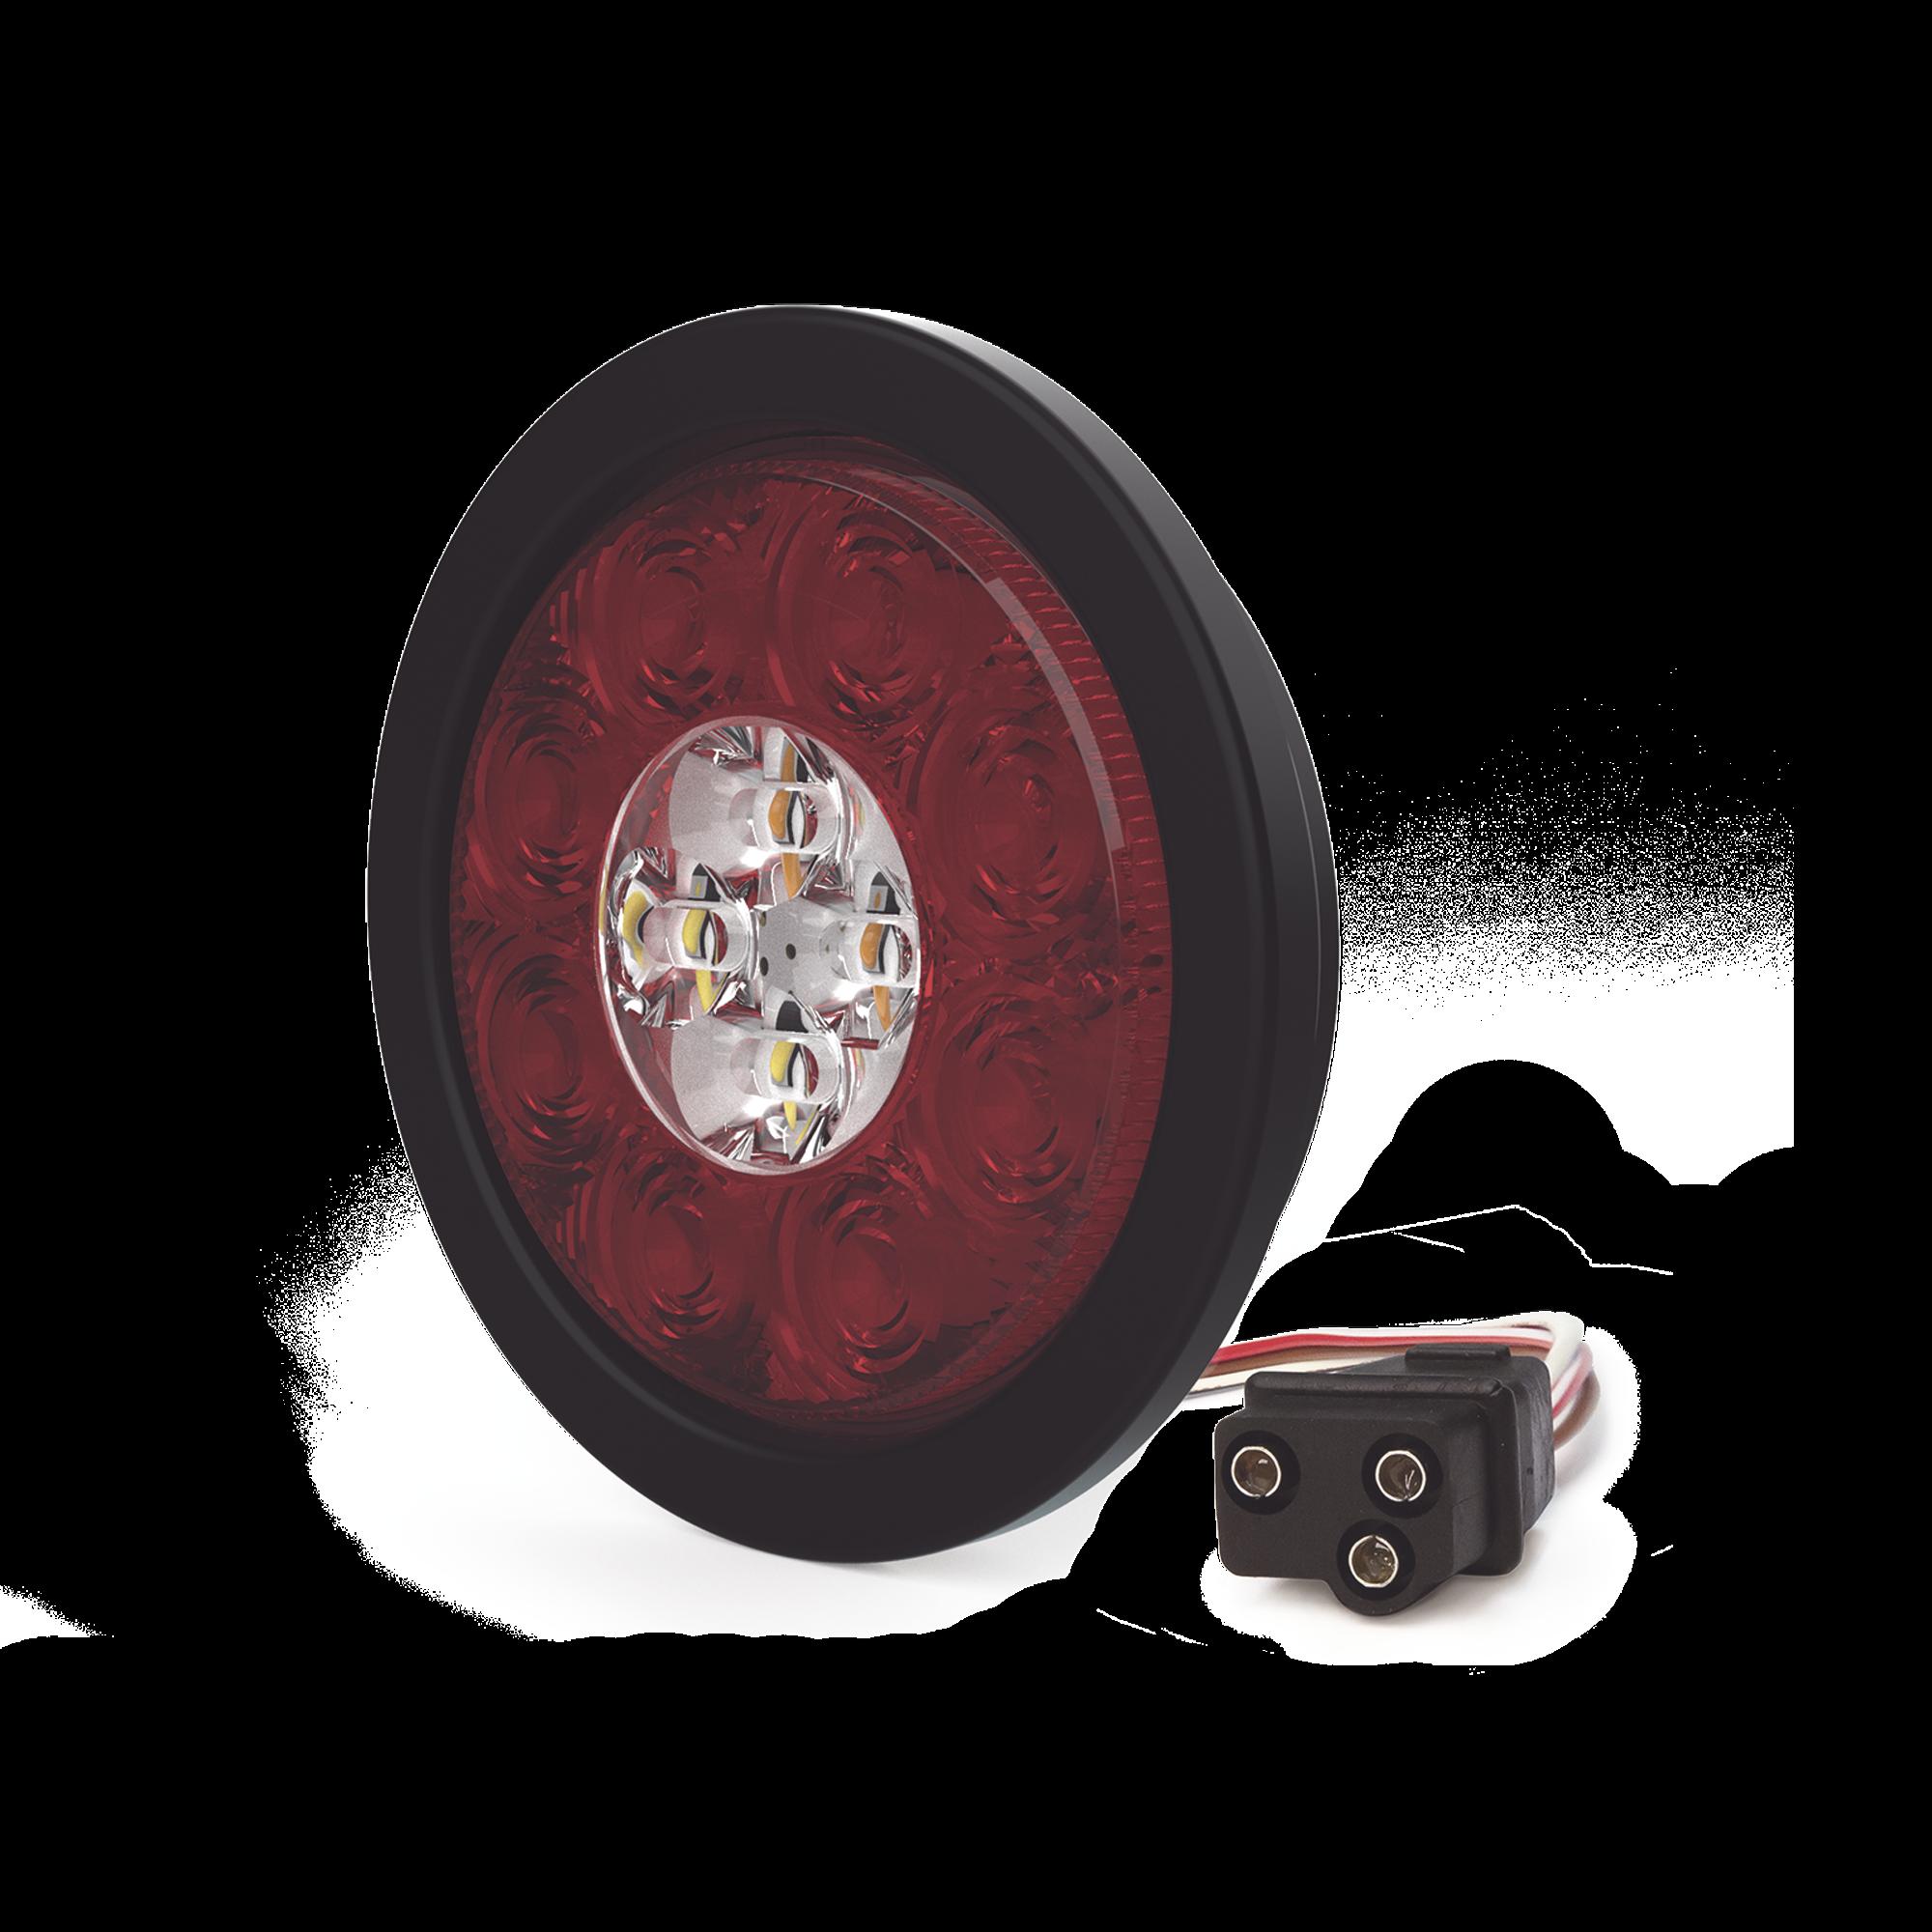 Luz perimetral, 16 LEDs Ultra Brillantes, color Rojo/Claro/Ambar